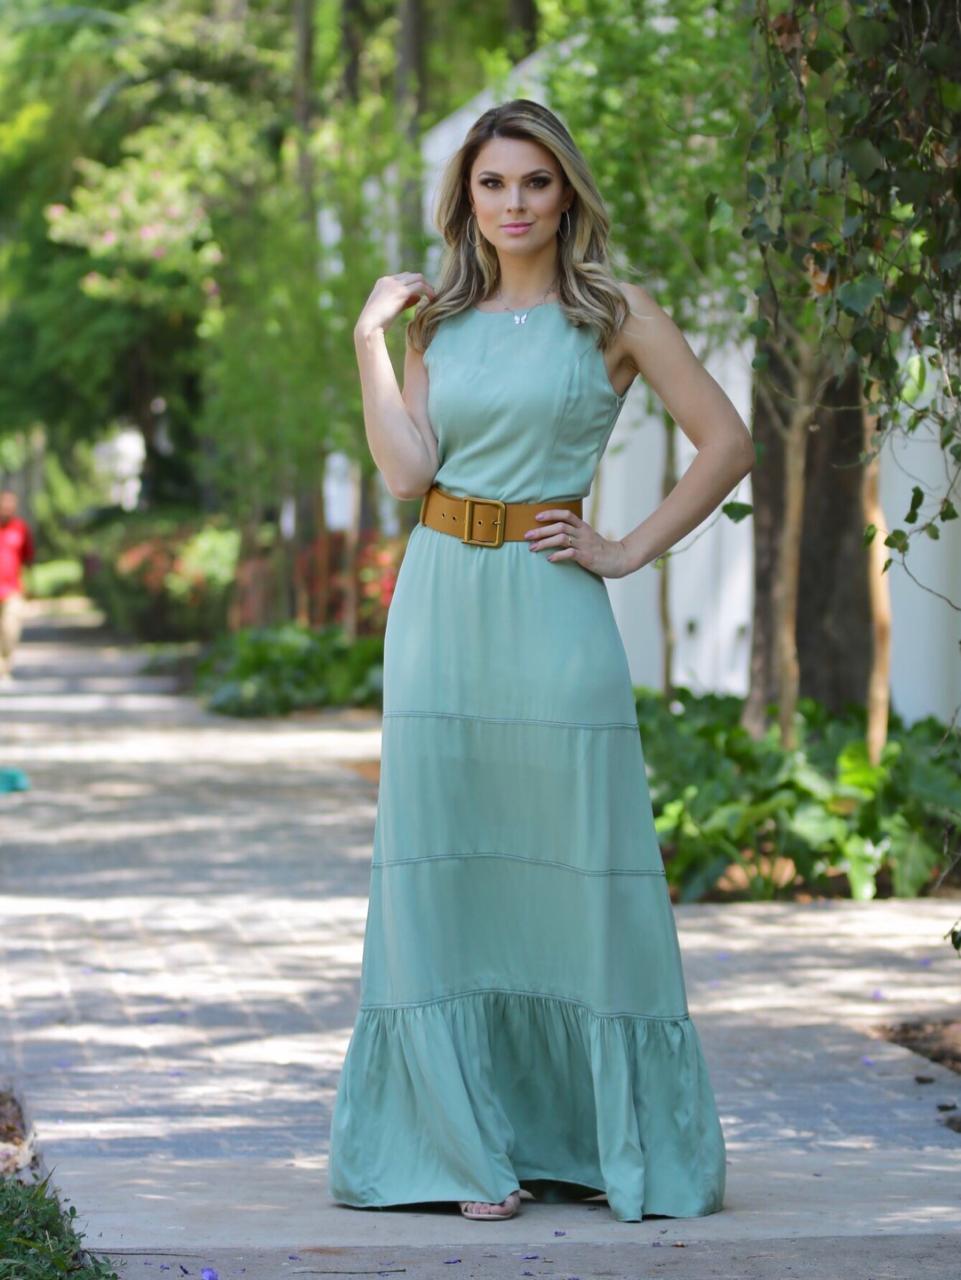 Vestido Madri Nuxx  Viscolinho  C/ Pesponto (Não acompanha cinto)